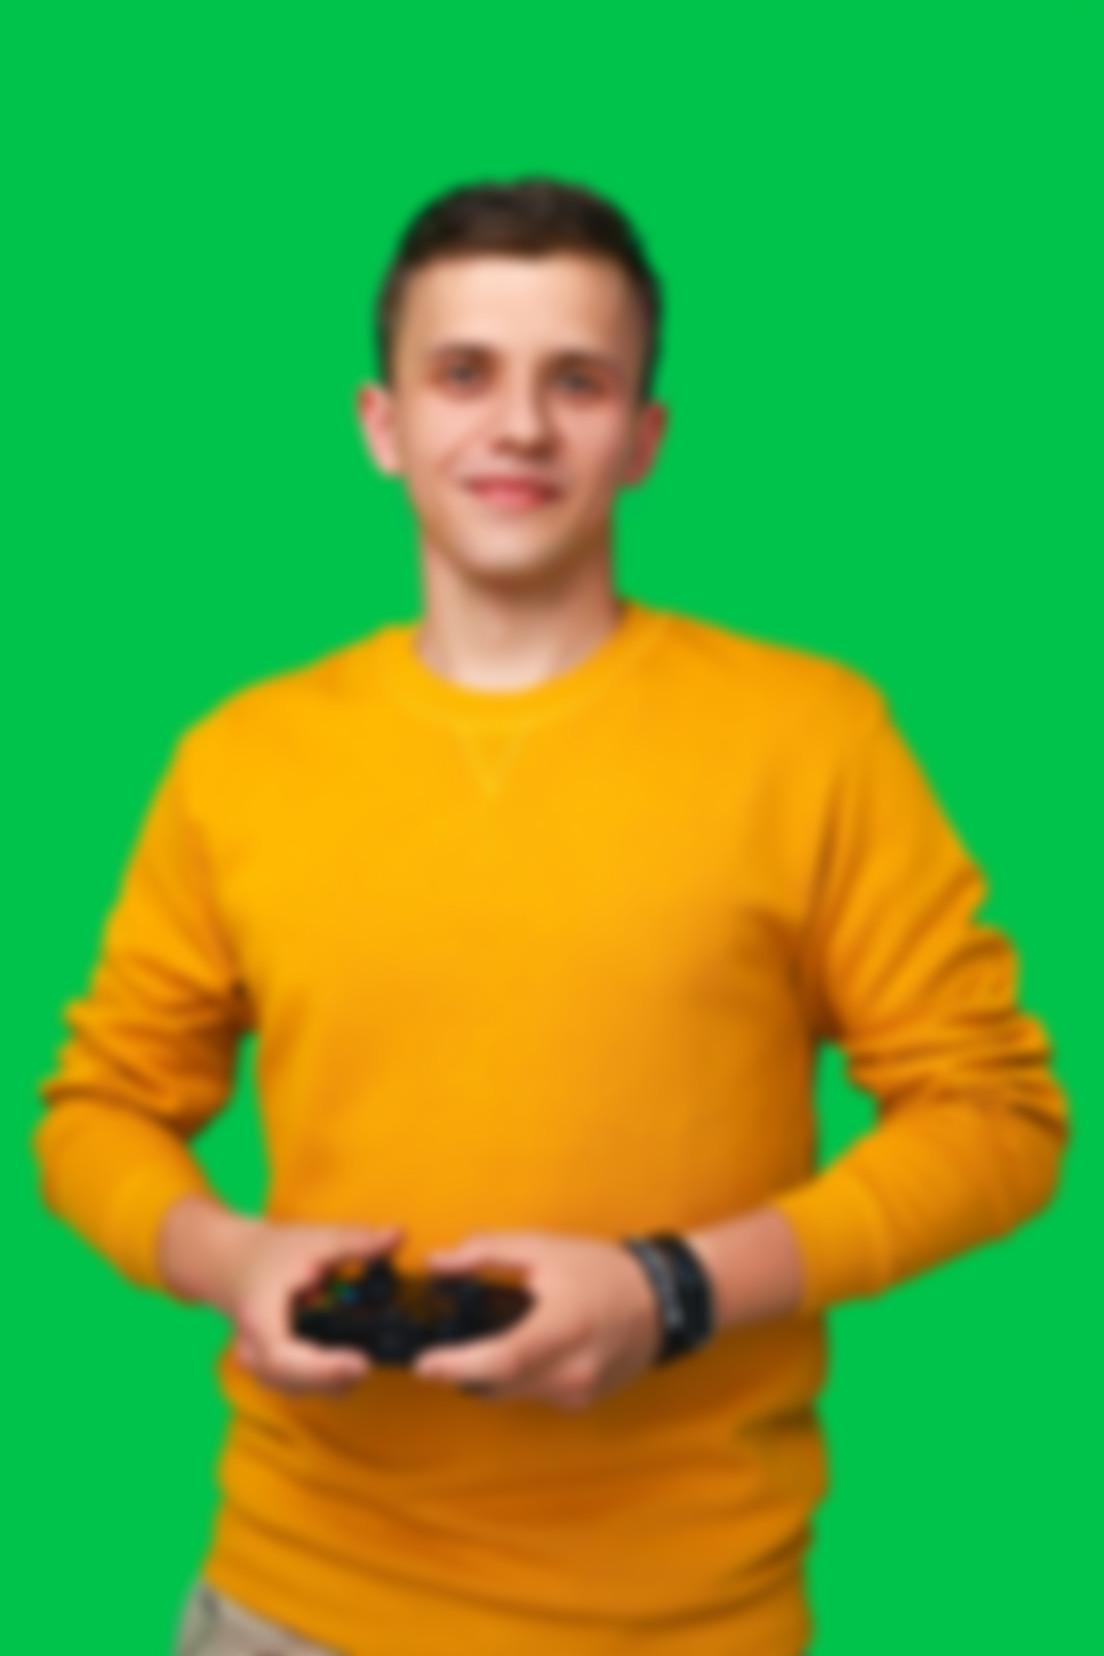 Zdjęcie na zielonym tle Jakuba